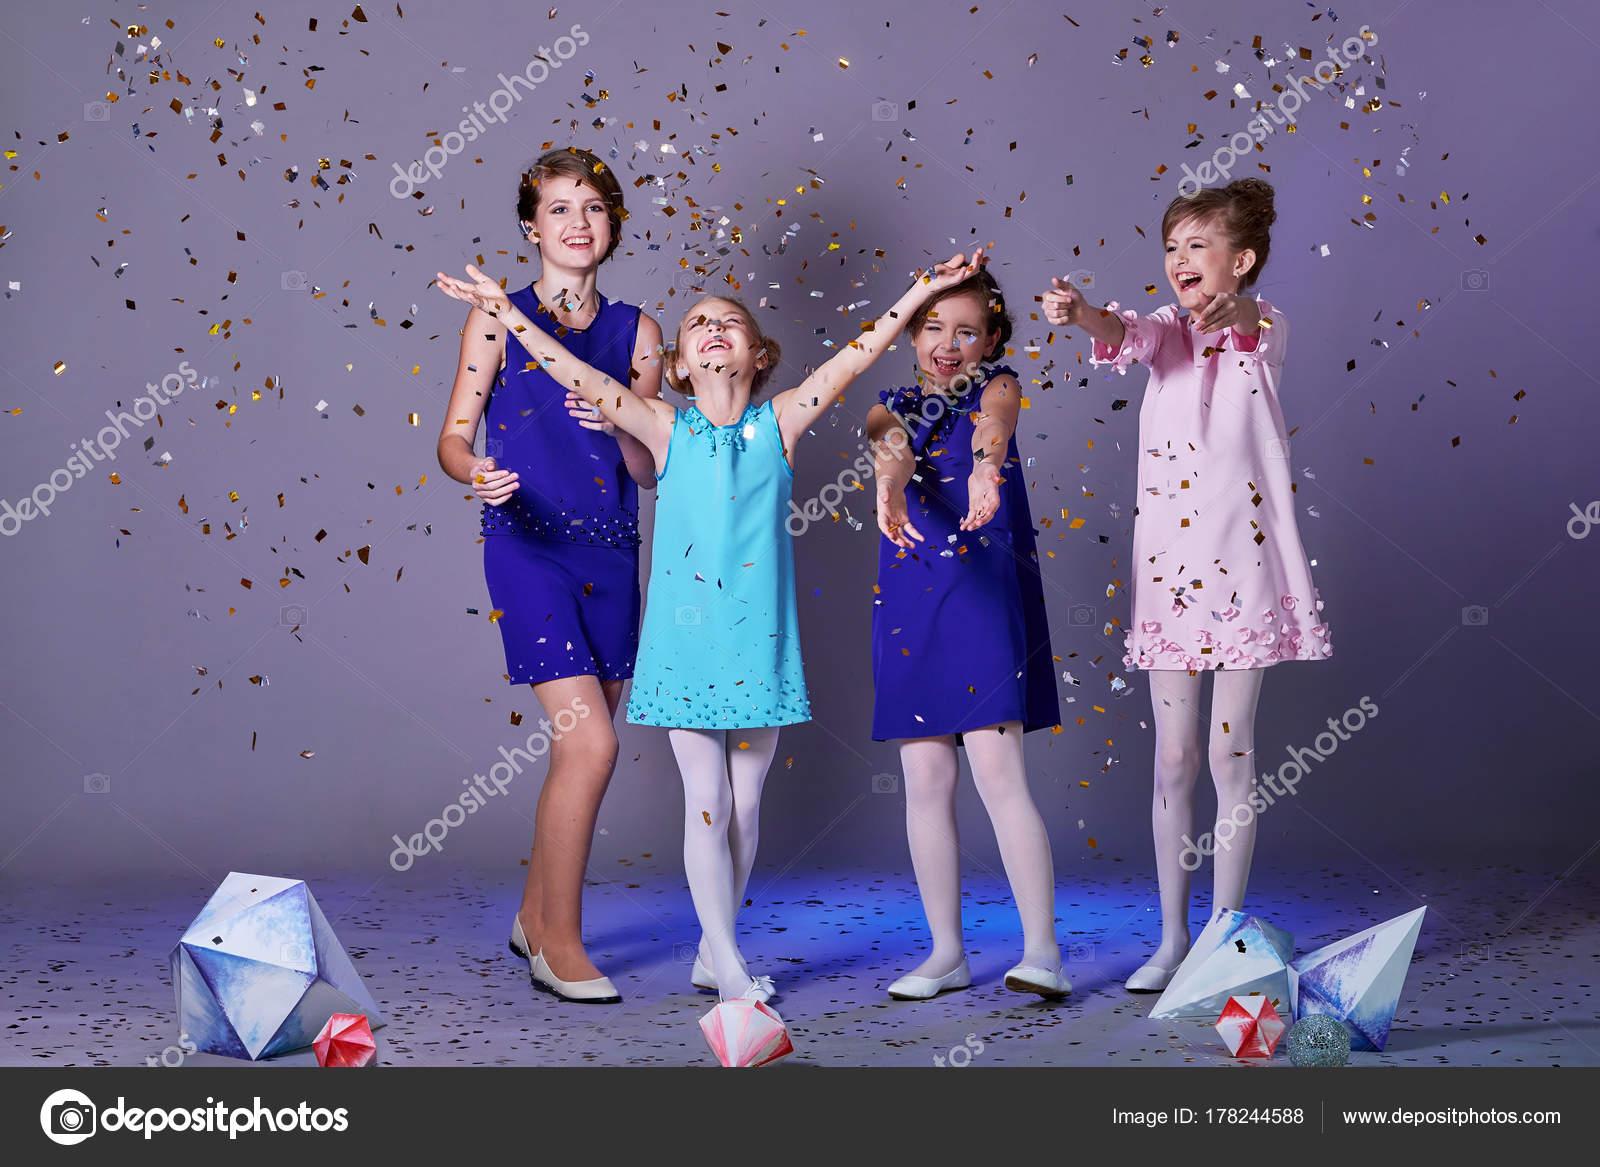 Gruppe von Kindern genießen Partei und werfen Konfetti. Mode ...